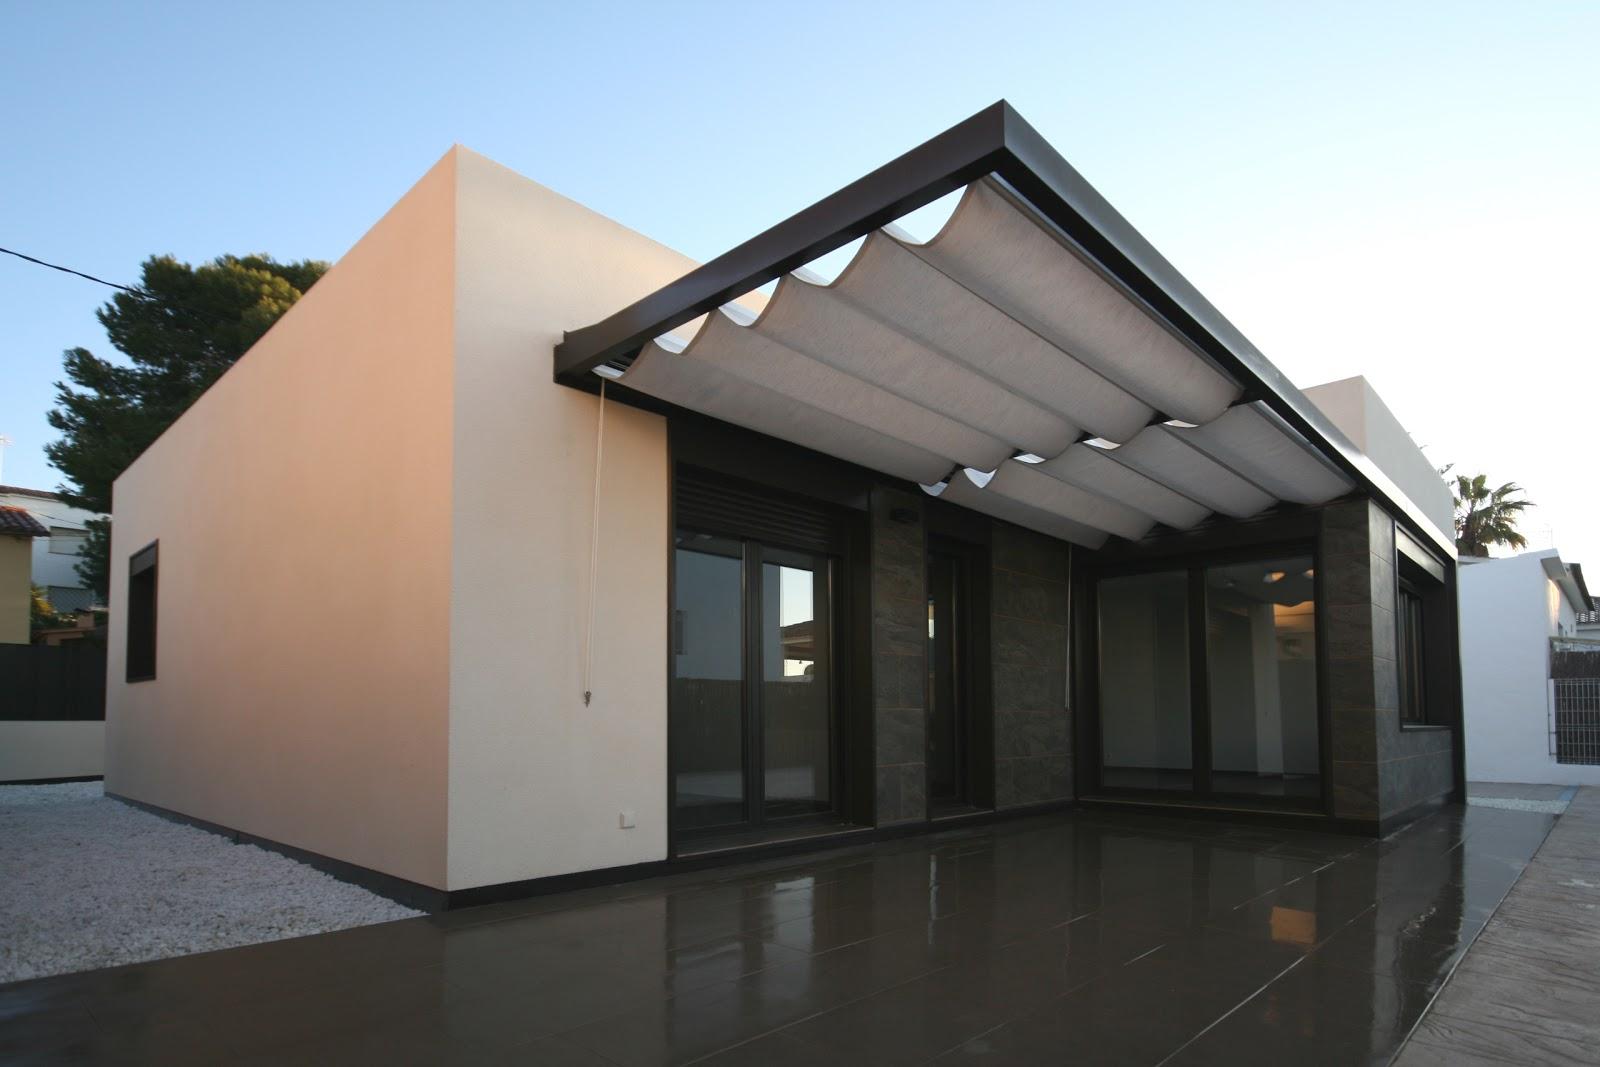 Casas modulares blochouse casas modulares blochouse - Casas modulares prefabricadas ...